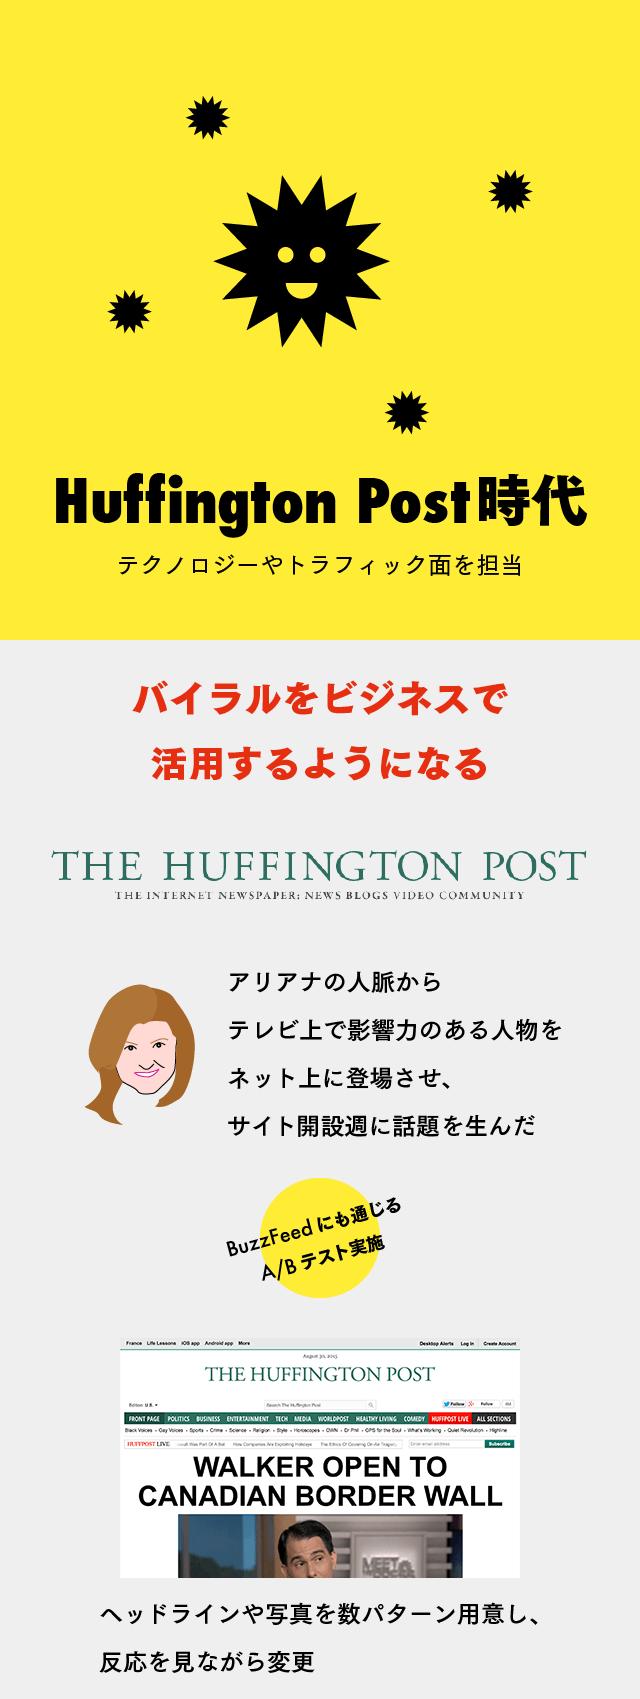 【マスター】バズフィード創業者ストーリー_20150831-07